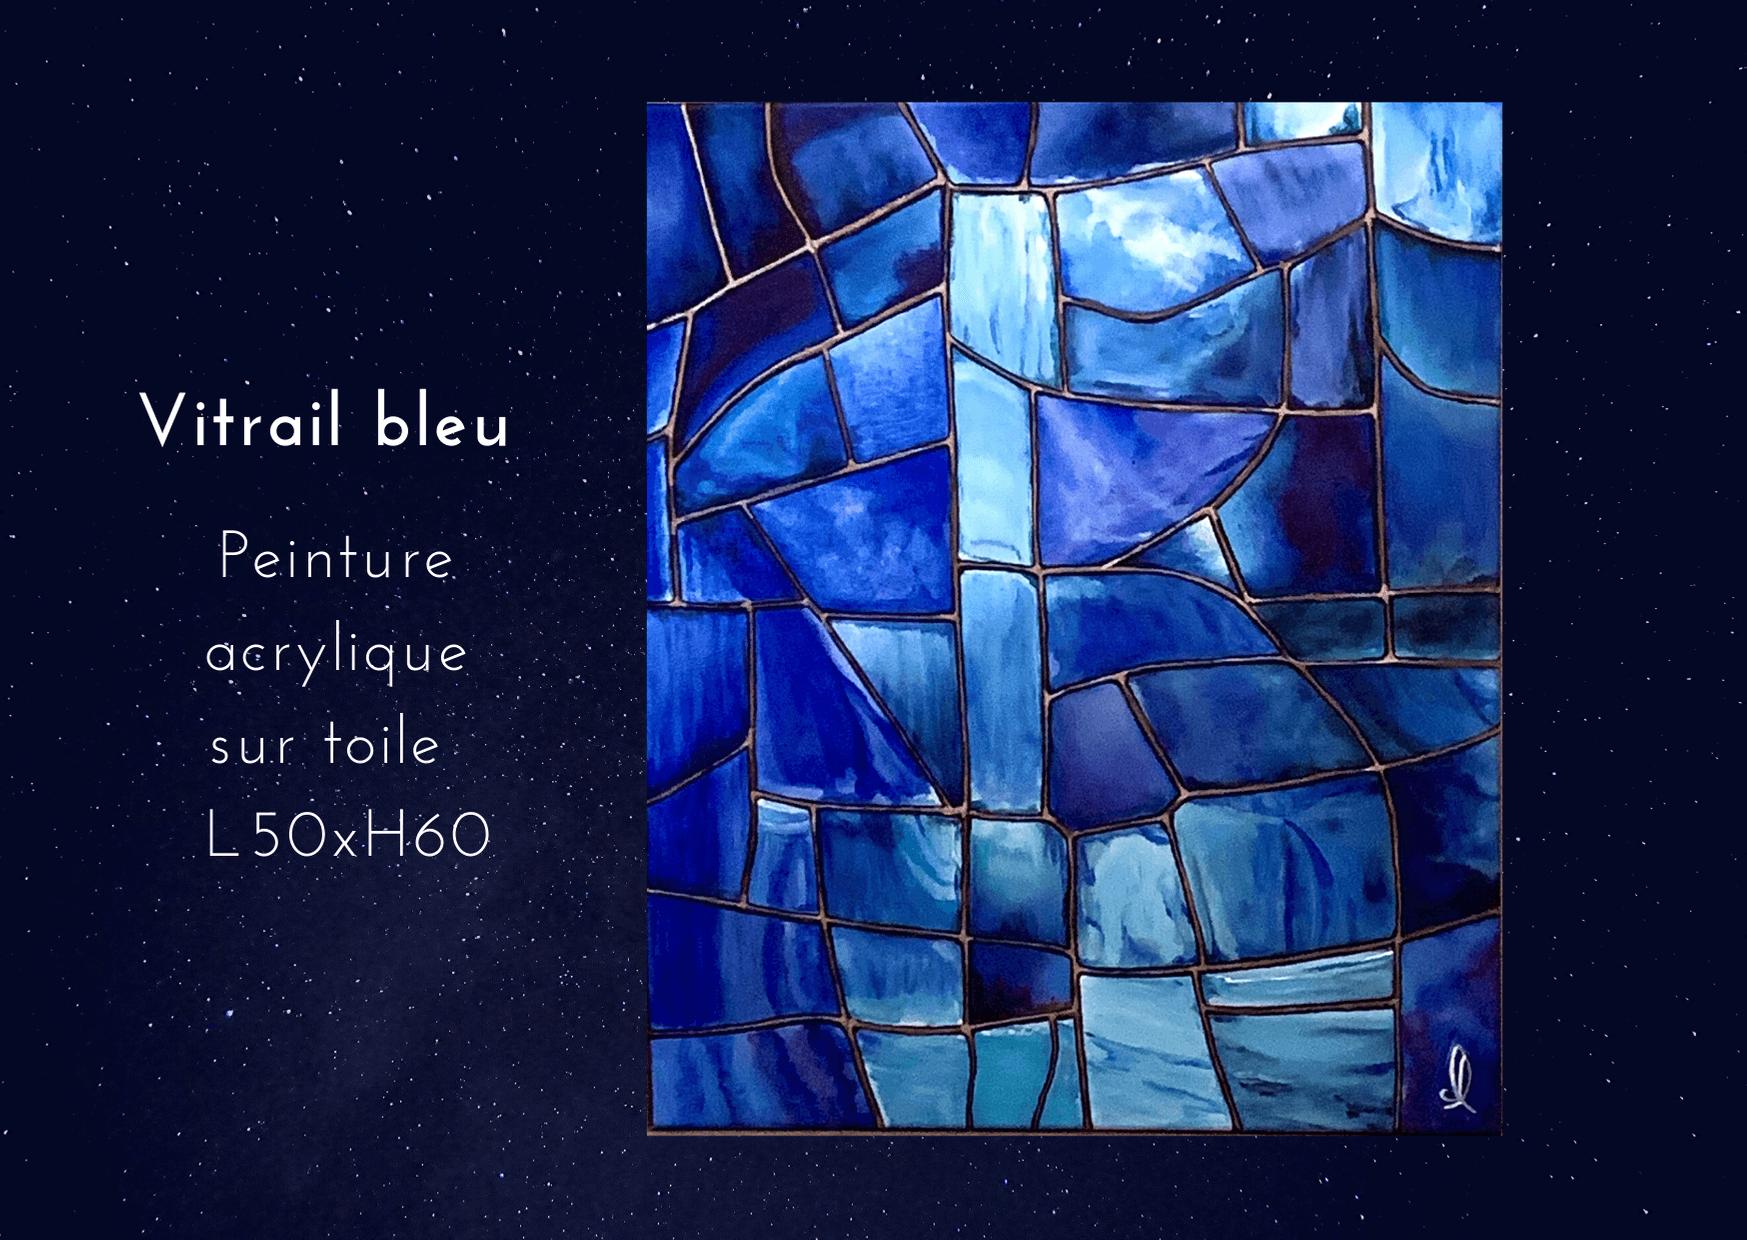 Vitrail bleu Acrylique sur toile L50xH60